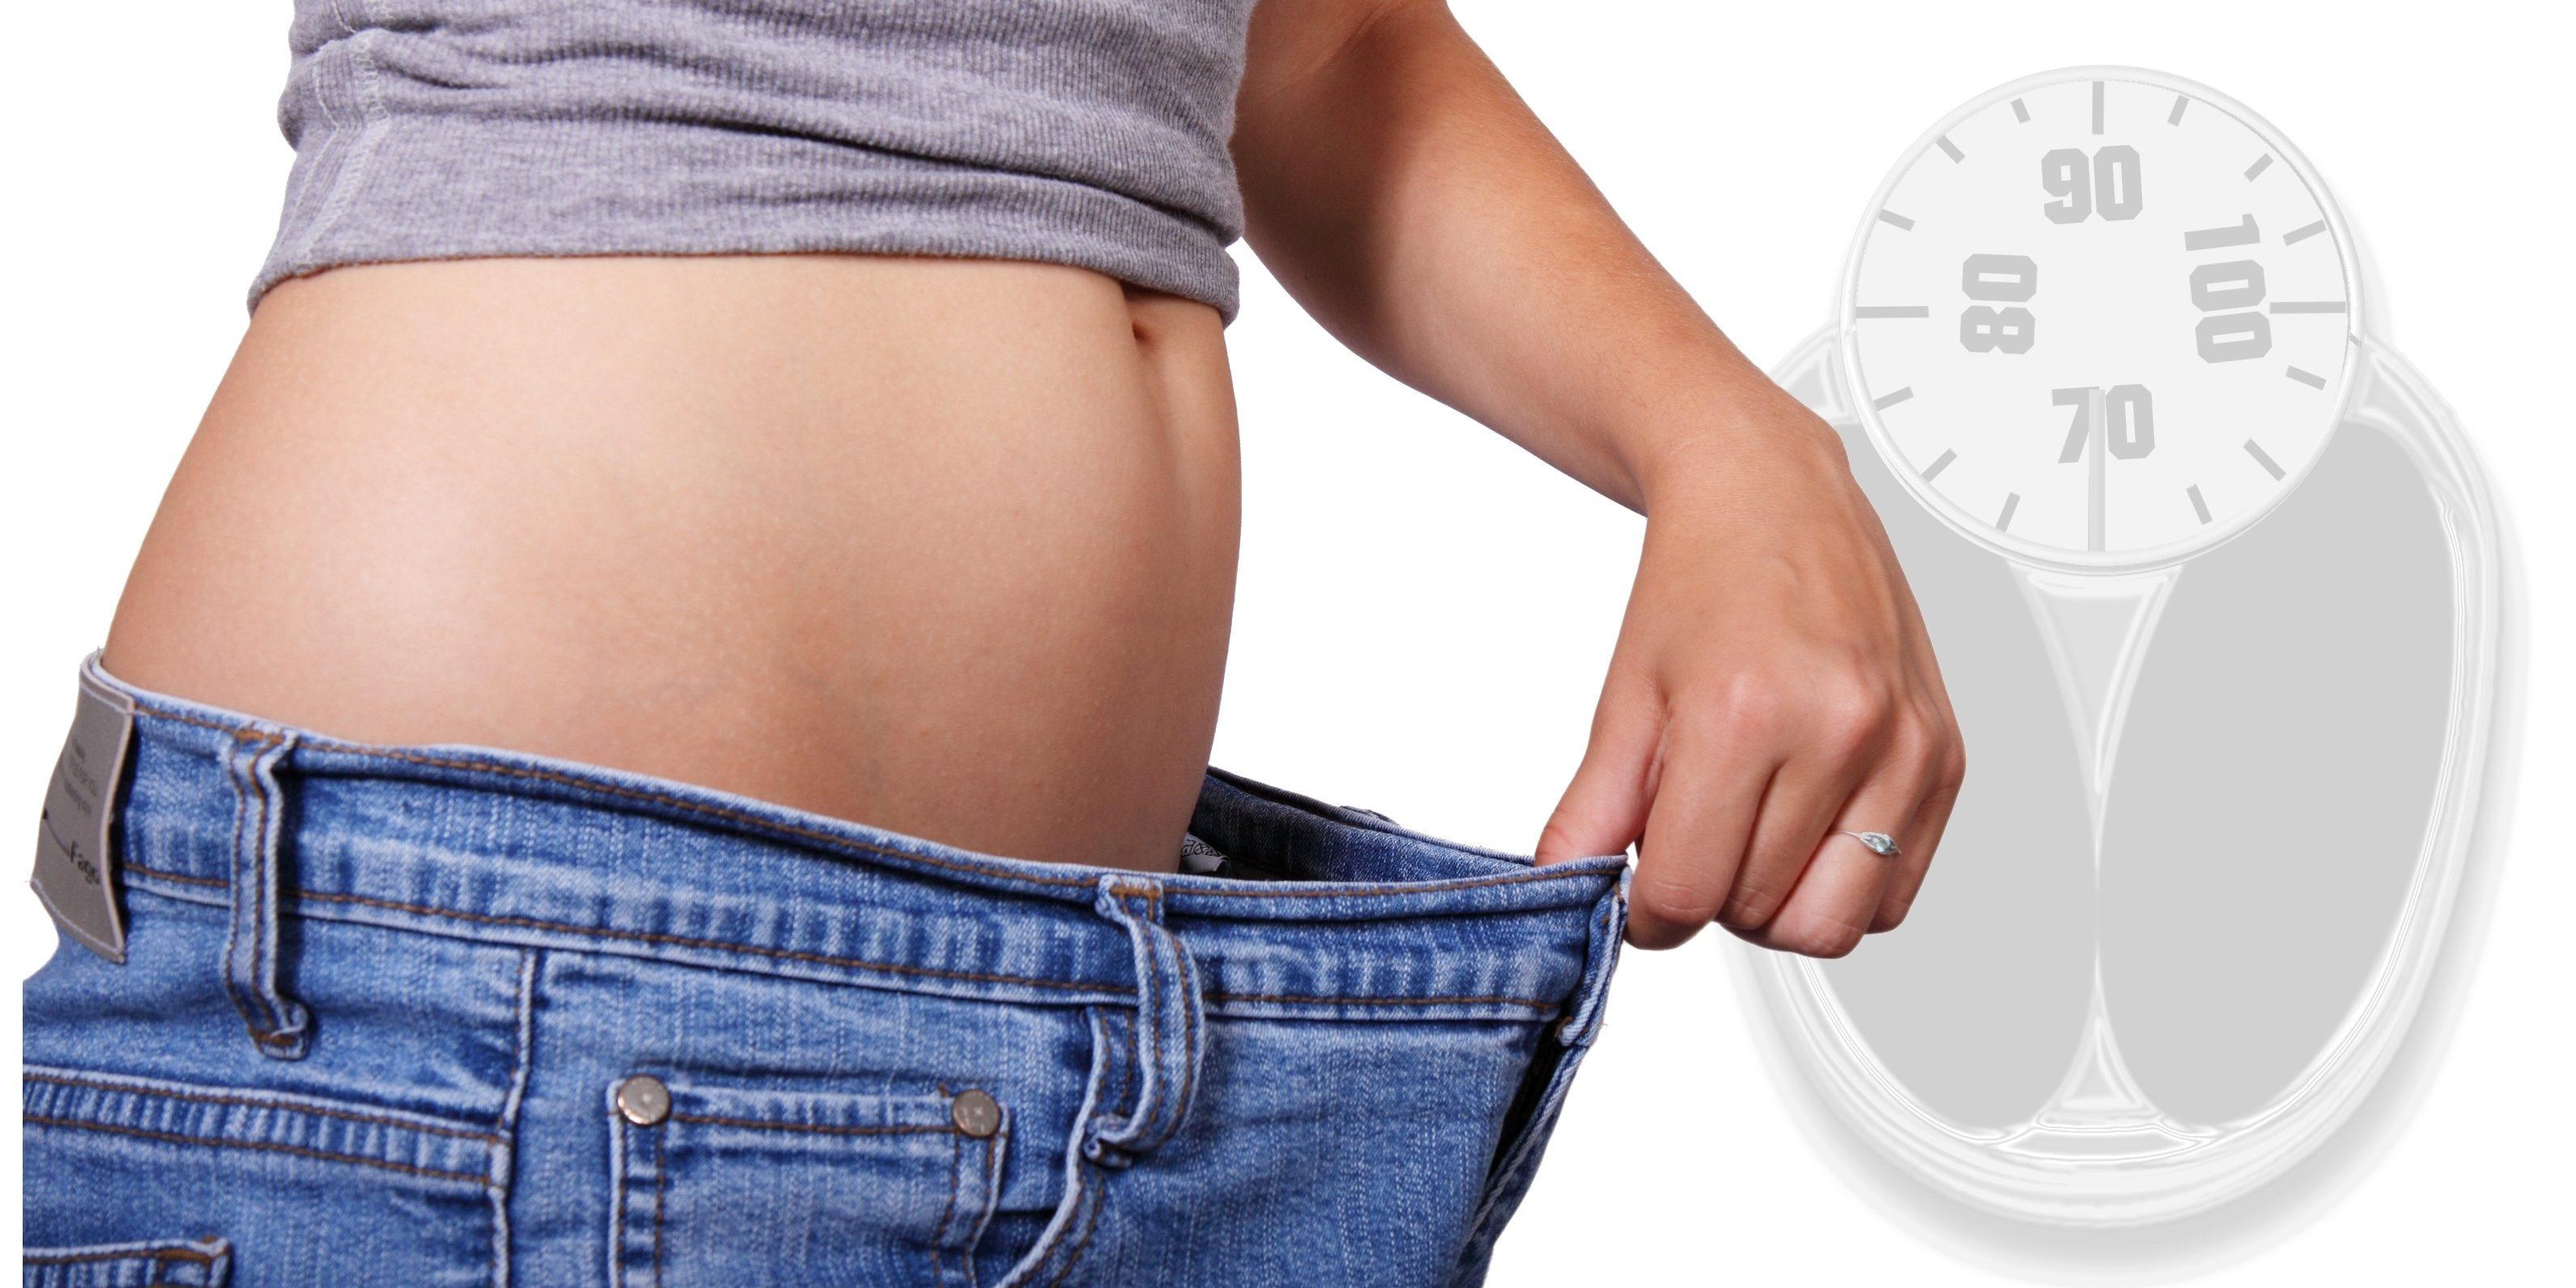 eliminarea zahărului te ajută să slăbești oricine poate slăbi